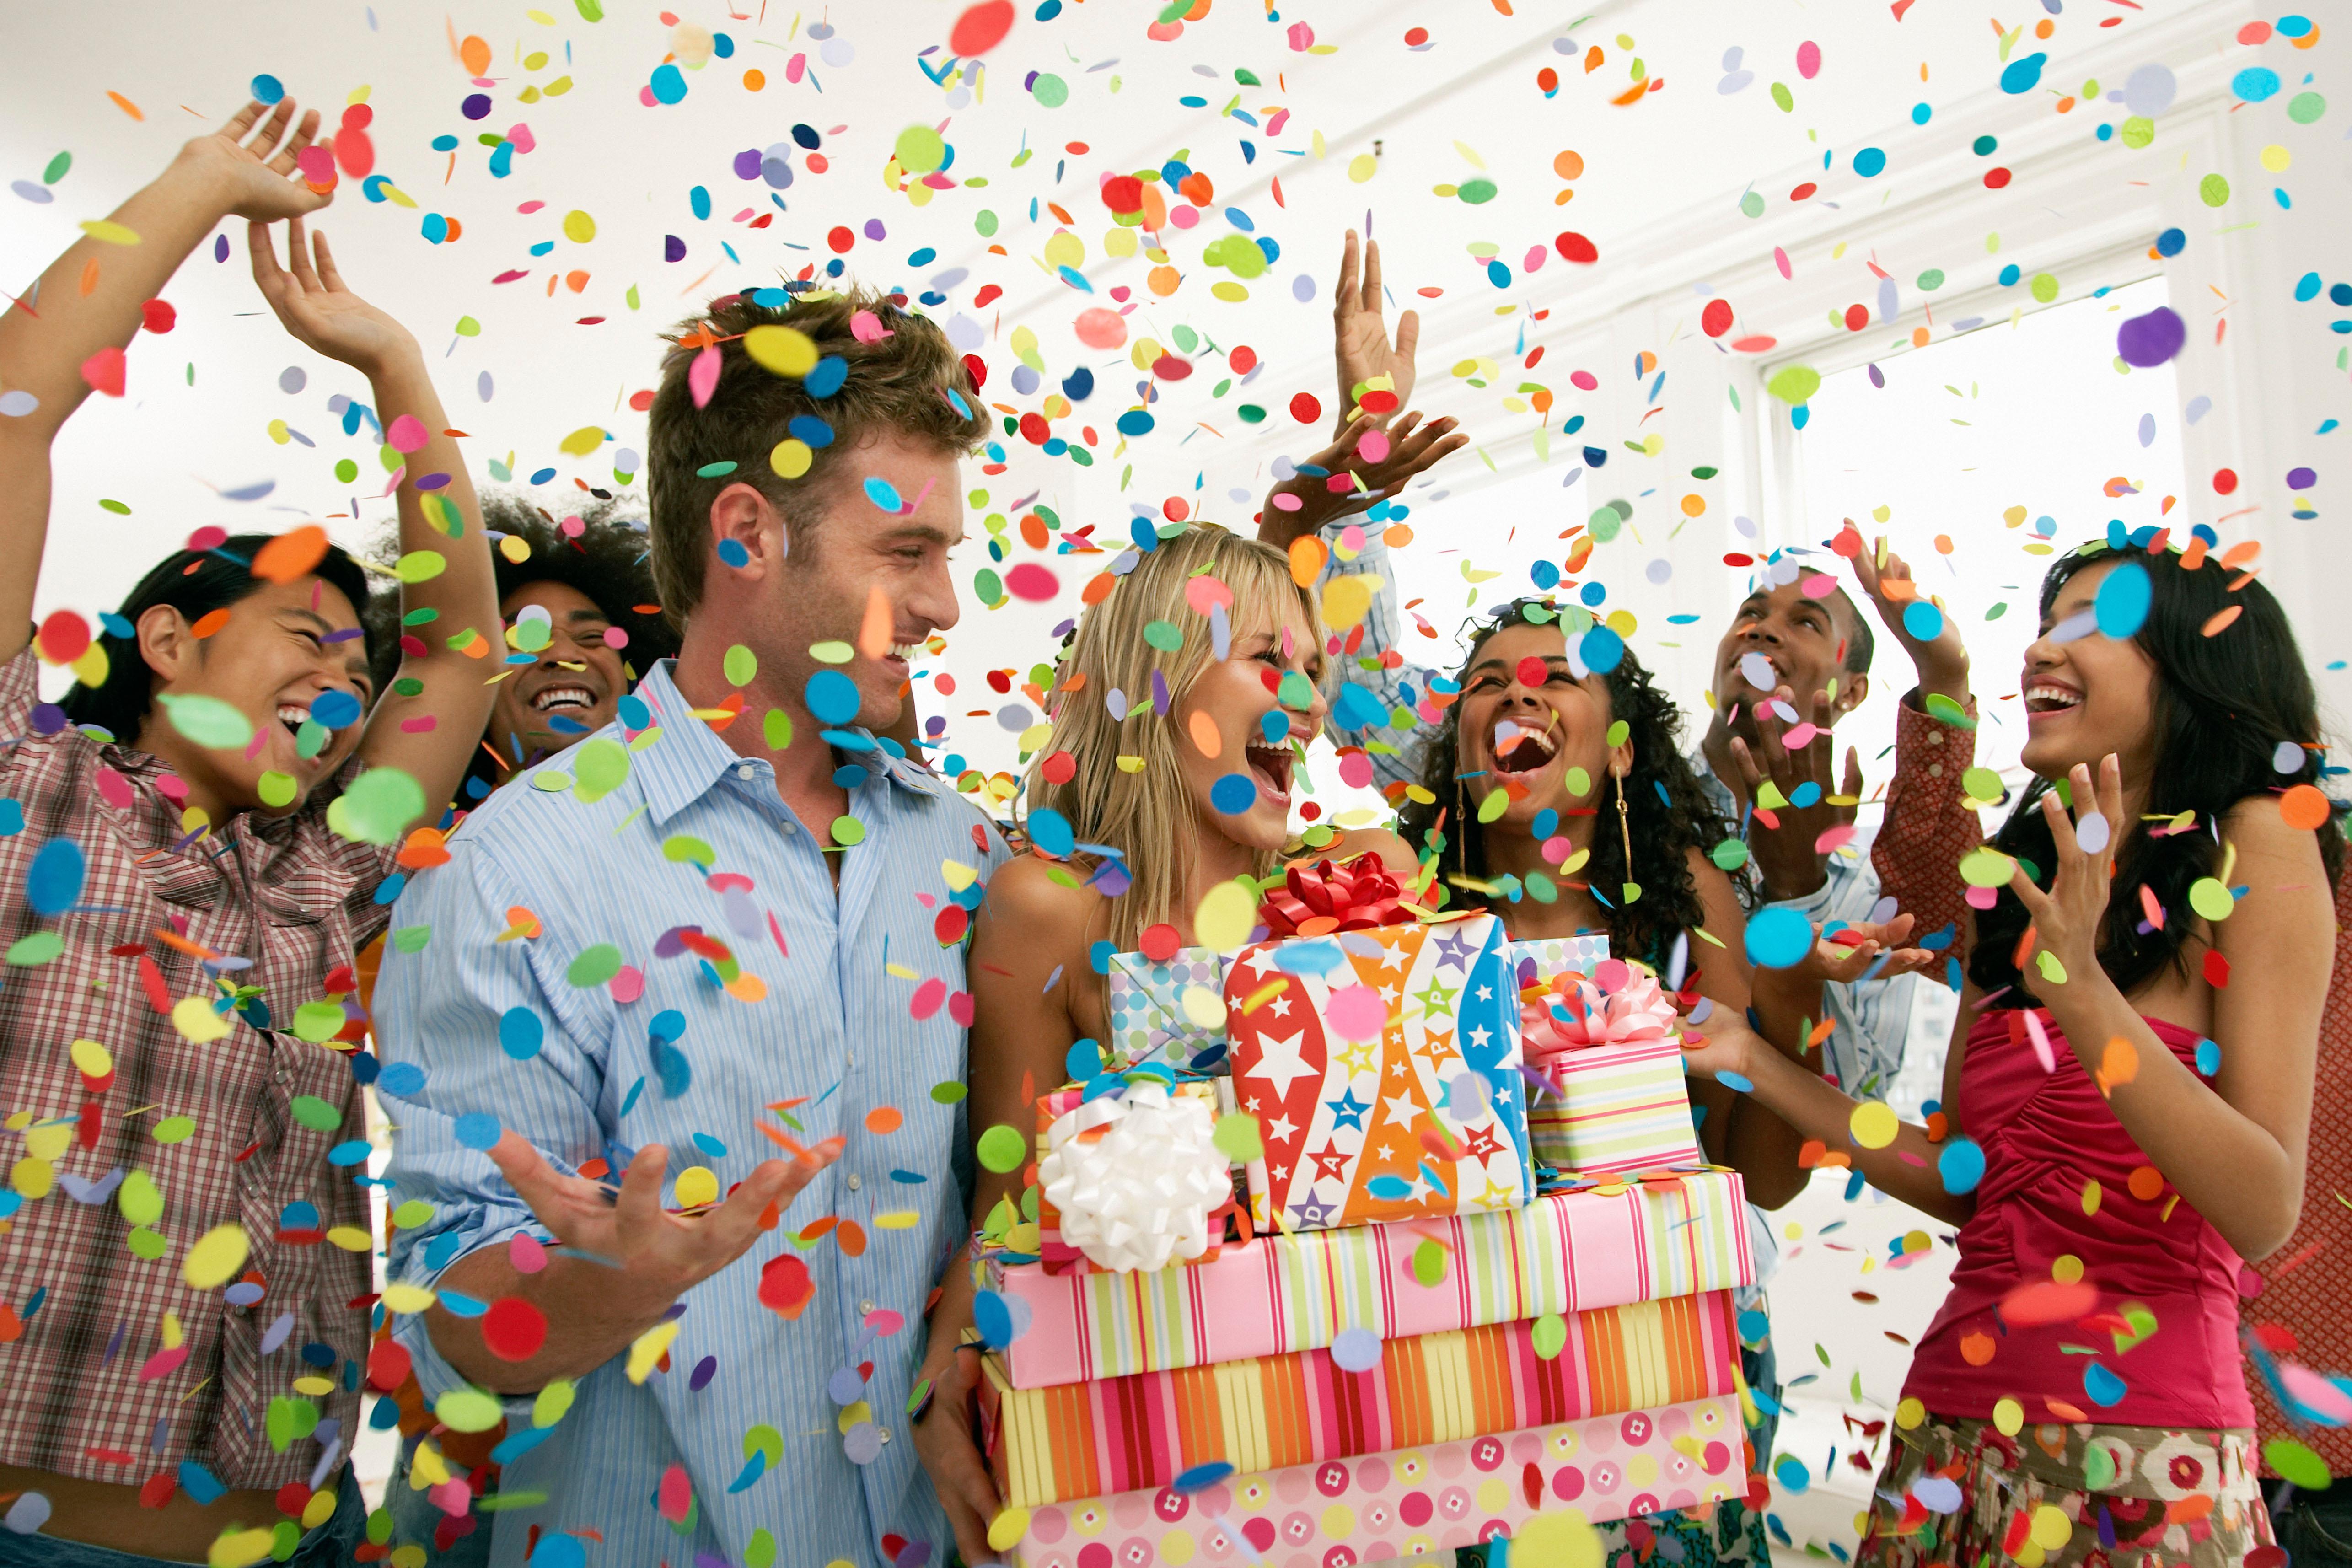 Организация розыгрышей и сюрпризов на день рождения